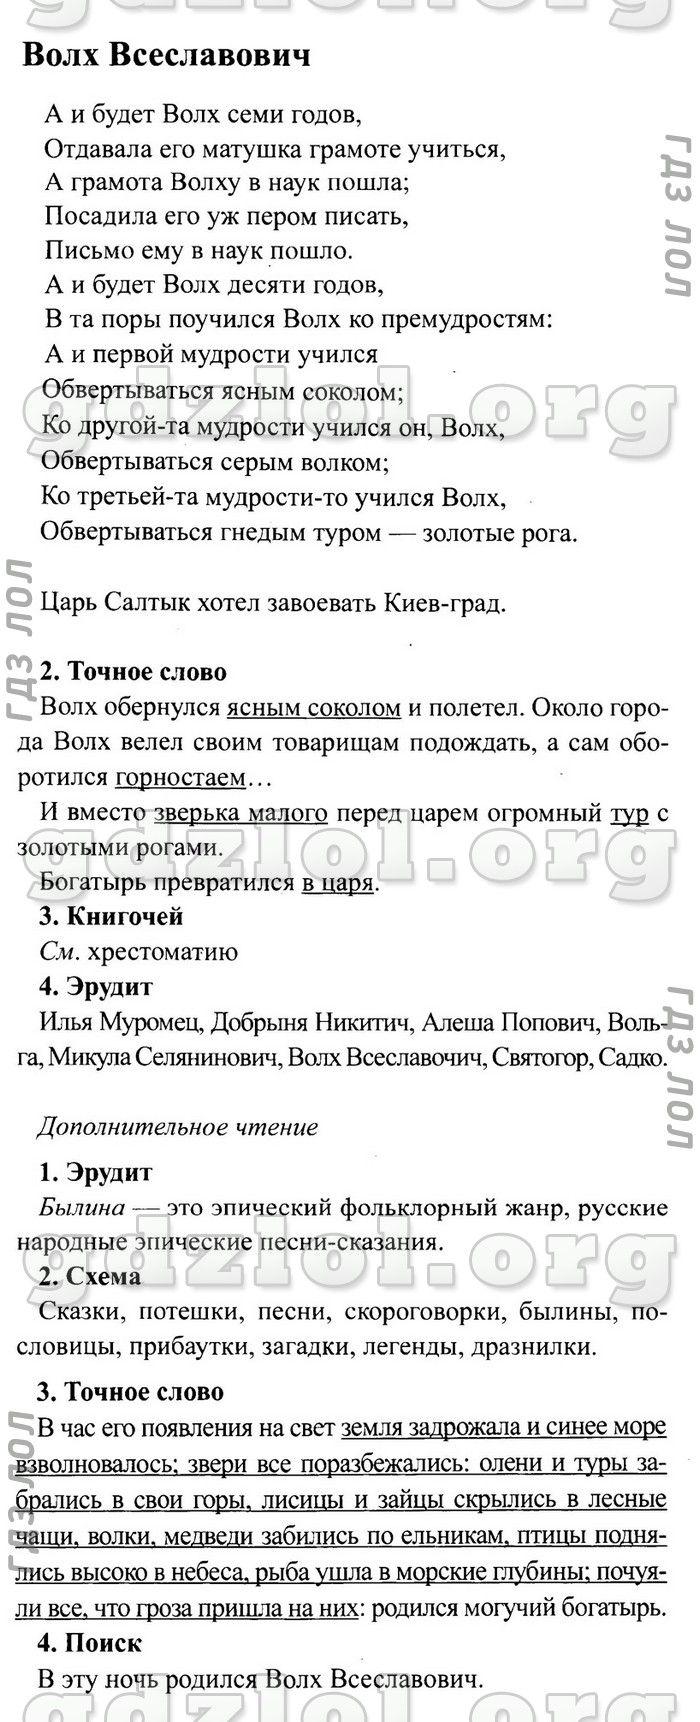 Решебник этика по робочей тетради 6 класс оксана данилевская